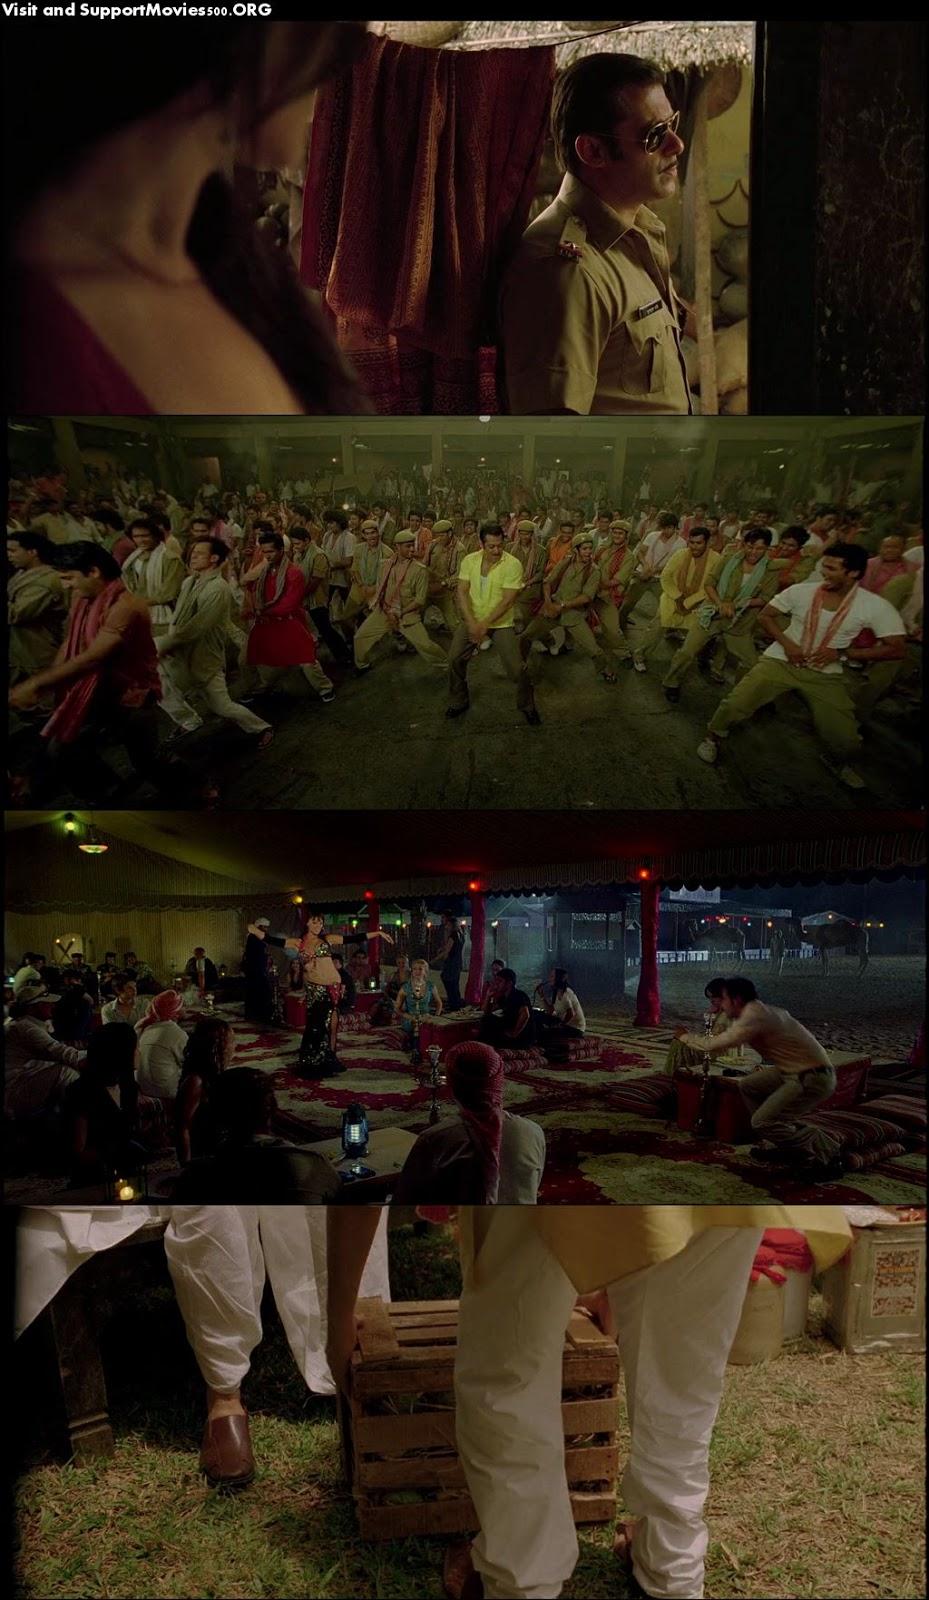 Dabangg 2 (2012) Hindi Movie Watch Online in 1080p Free Download